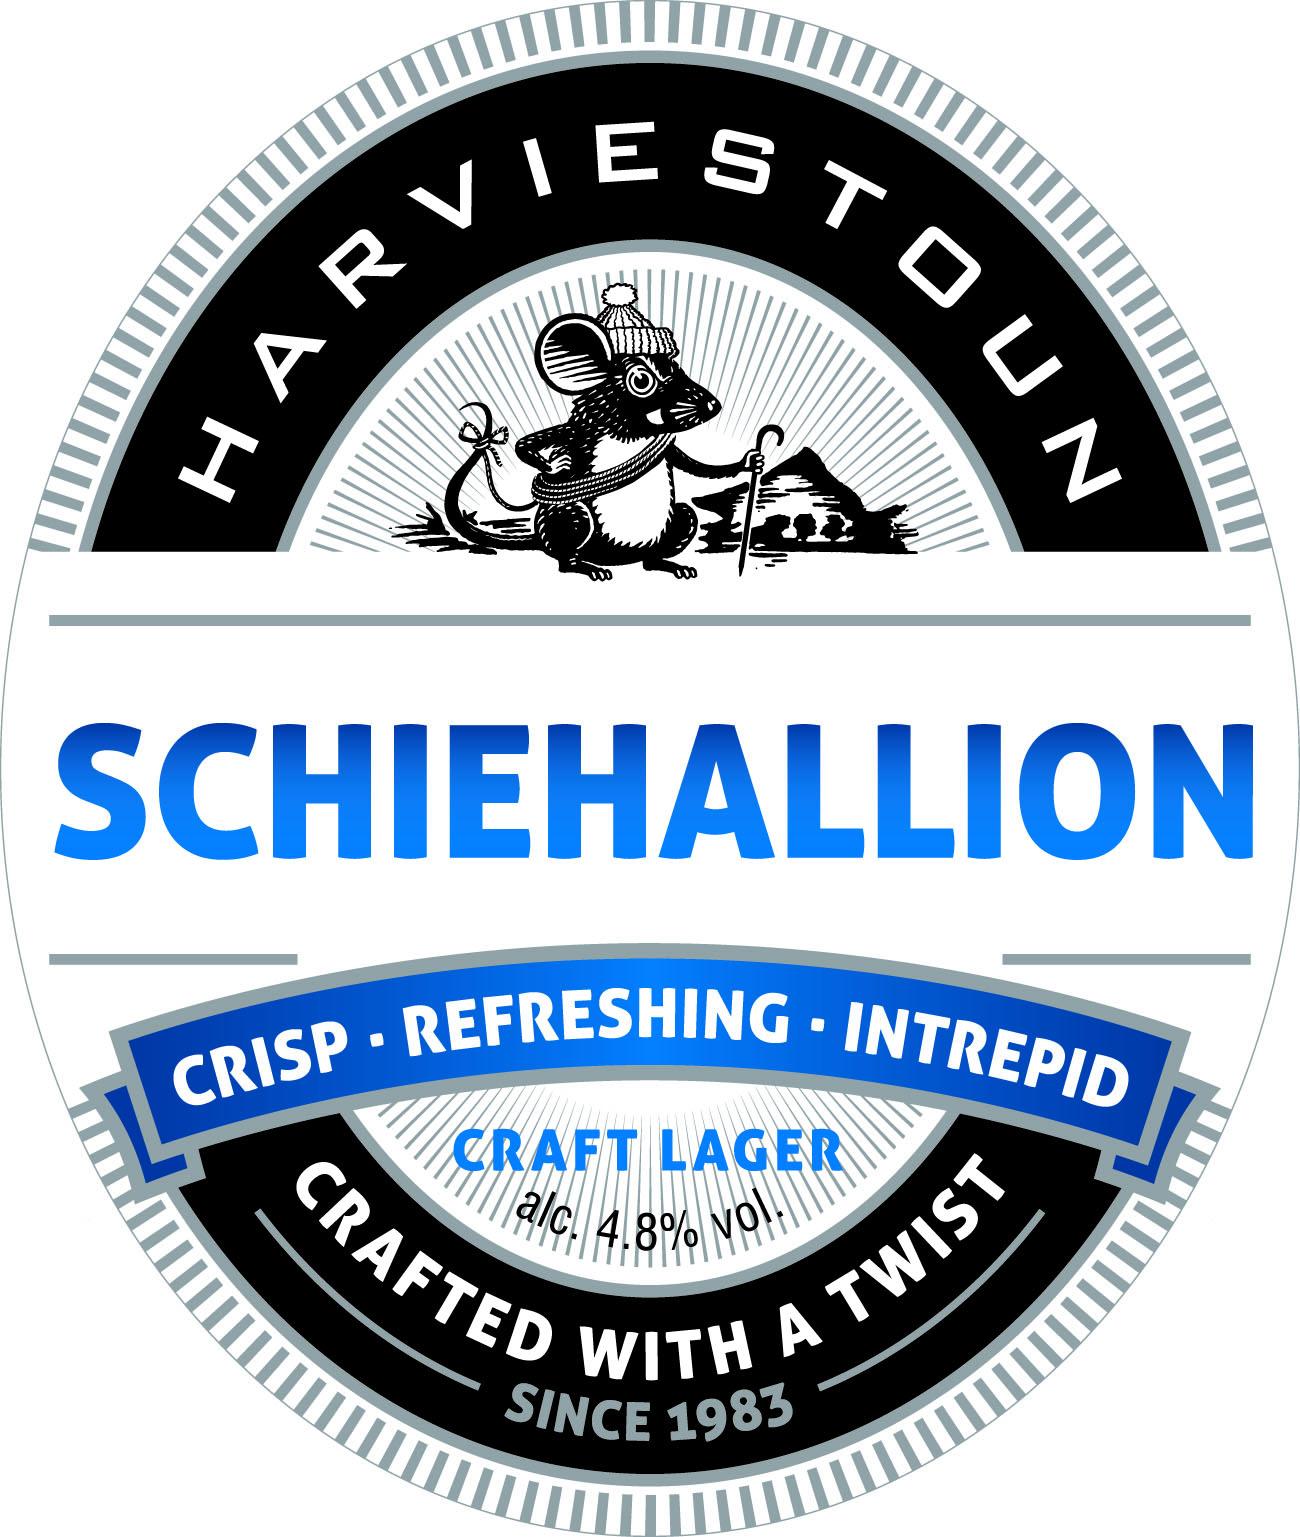 Harviestoun Schiehallion 9 Gallons Amber  4.8%